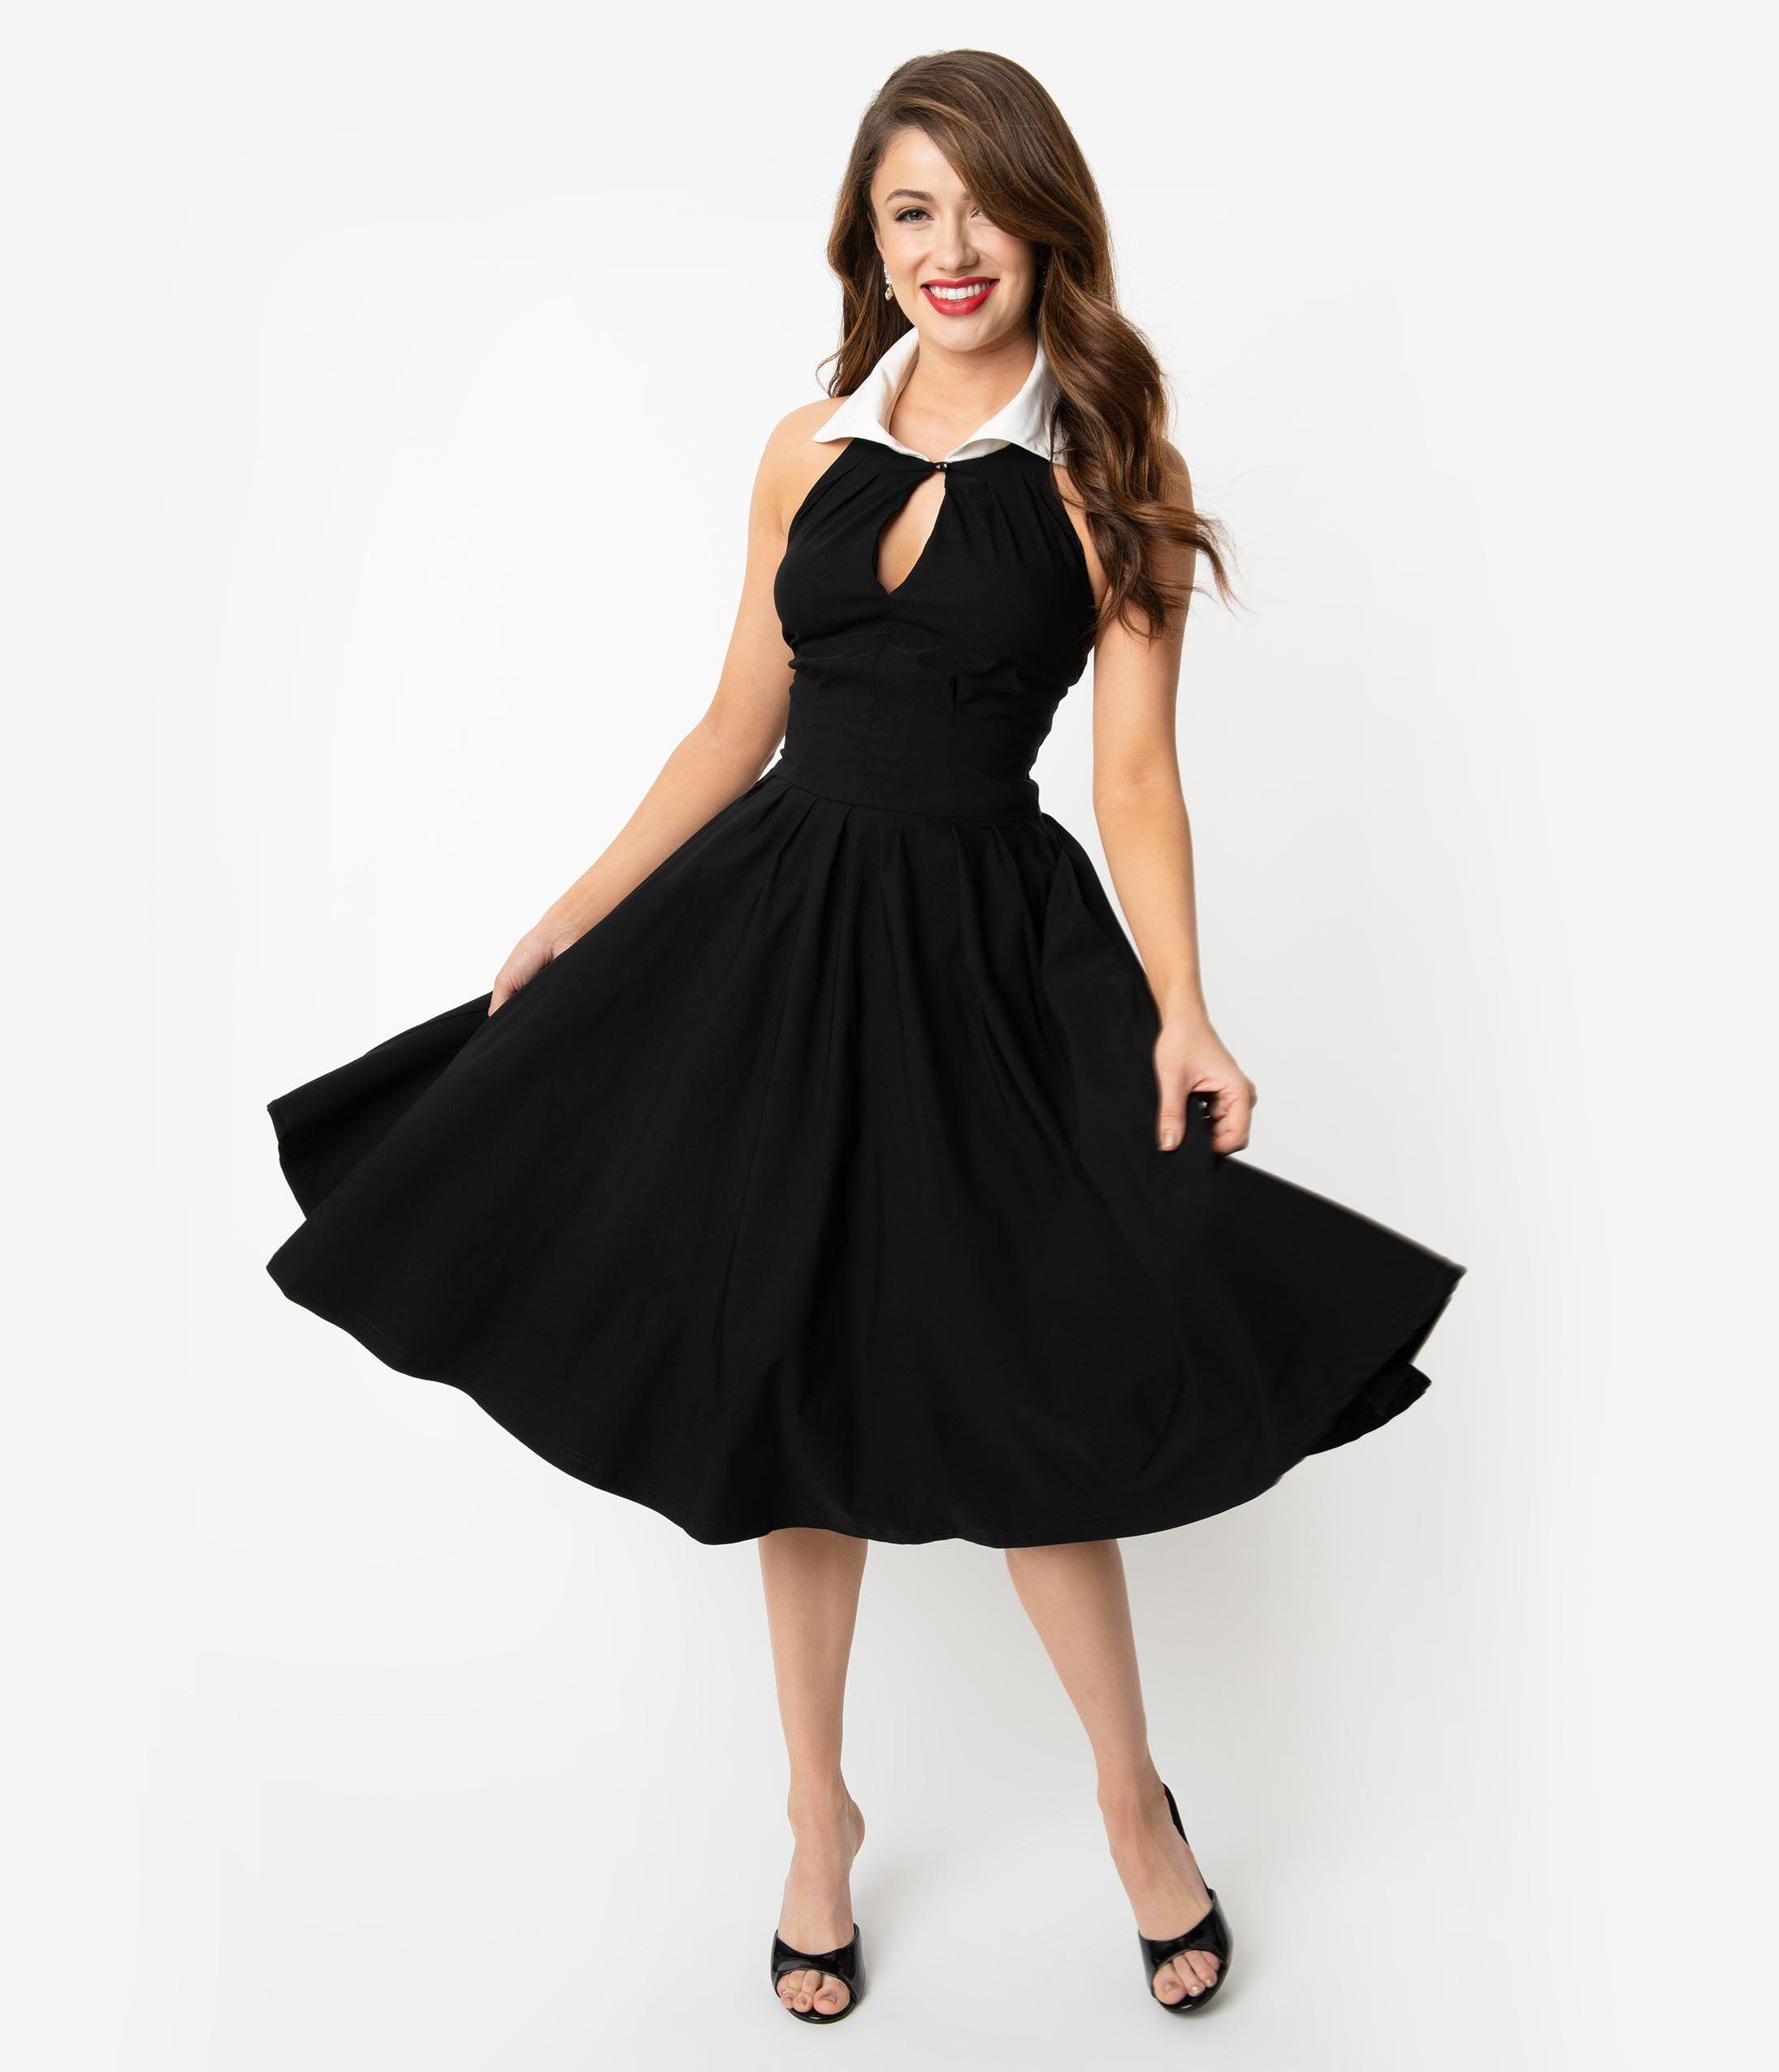 1950s Dresses 50s Dresses 1950s Style Dresses Unique Vintage 1950s Black White Collar Halter Verdon Swing Dress 98 Halter Swing Dress Swing Dress Dresses [ 2550 x 2190 Pixel ]